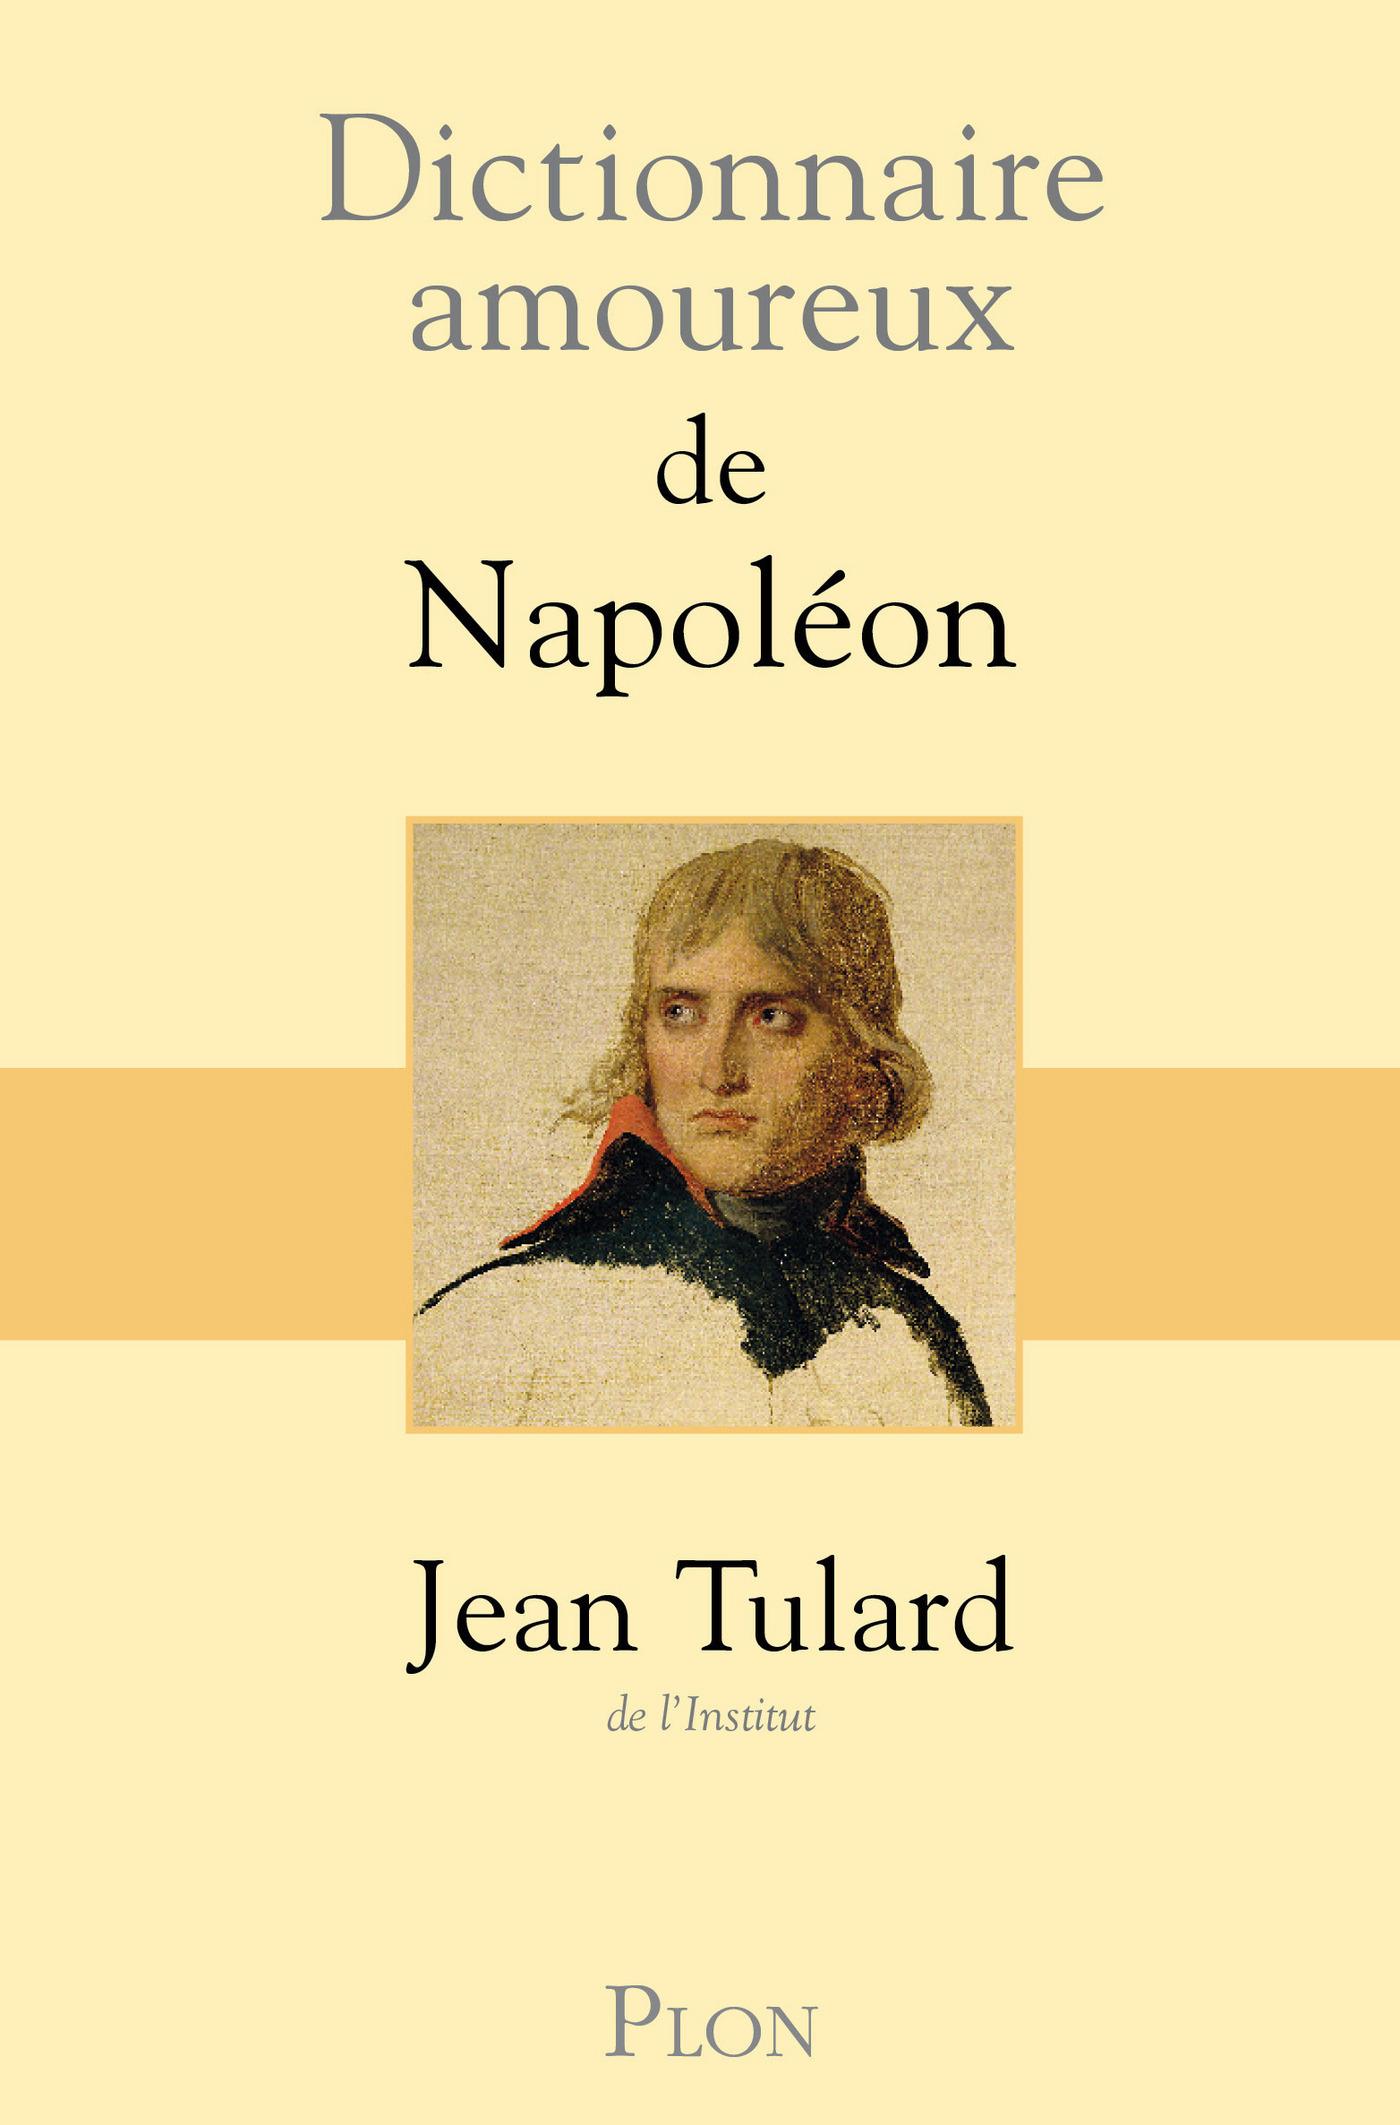 Dictionnaire amoureux de Napoléon (ebook)